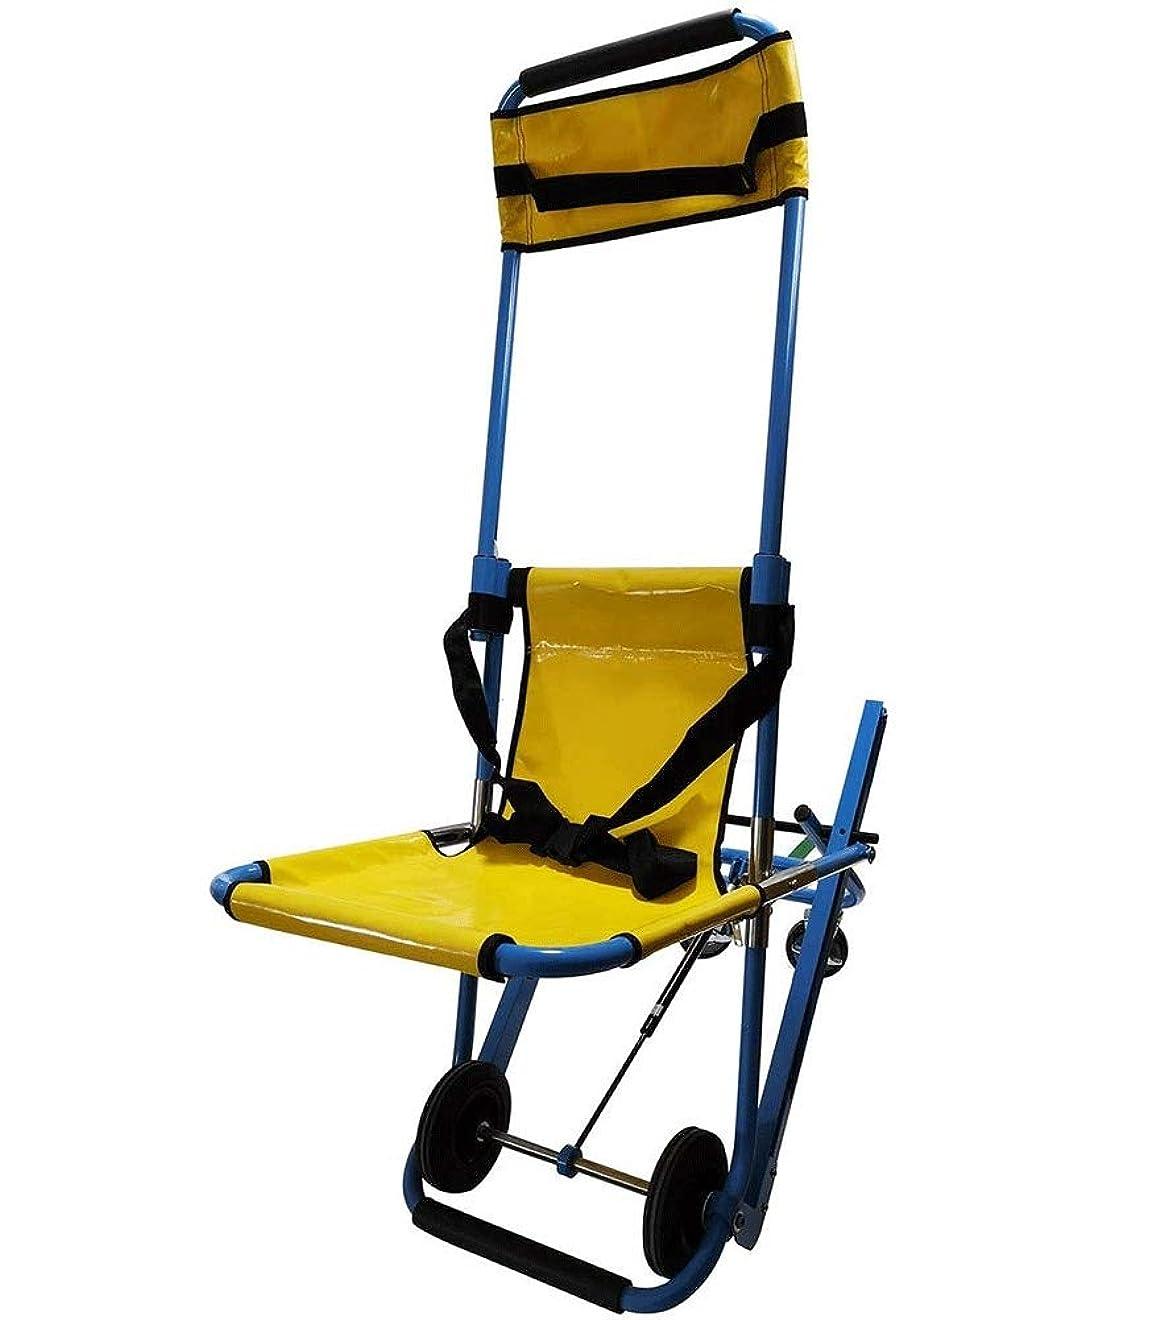 候補者リサイクルするピボット二つのシートベルトとEMS階段チェア、救急車消防士避難アルミ軽量医療階段チェア、350ポンドを持ち上げ